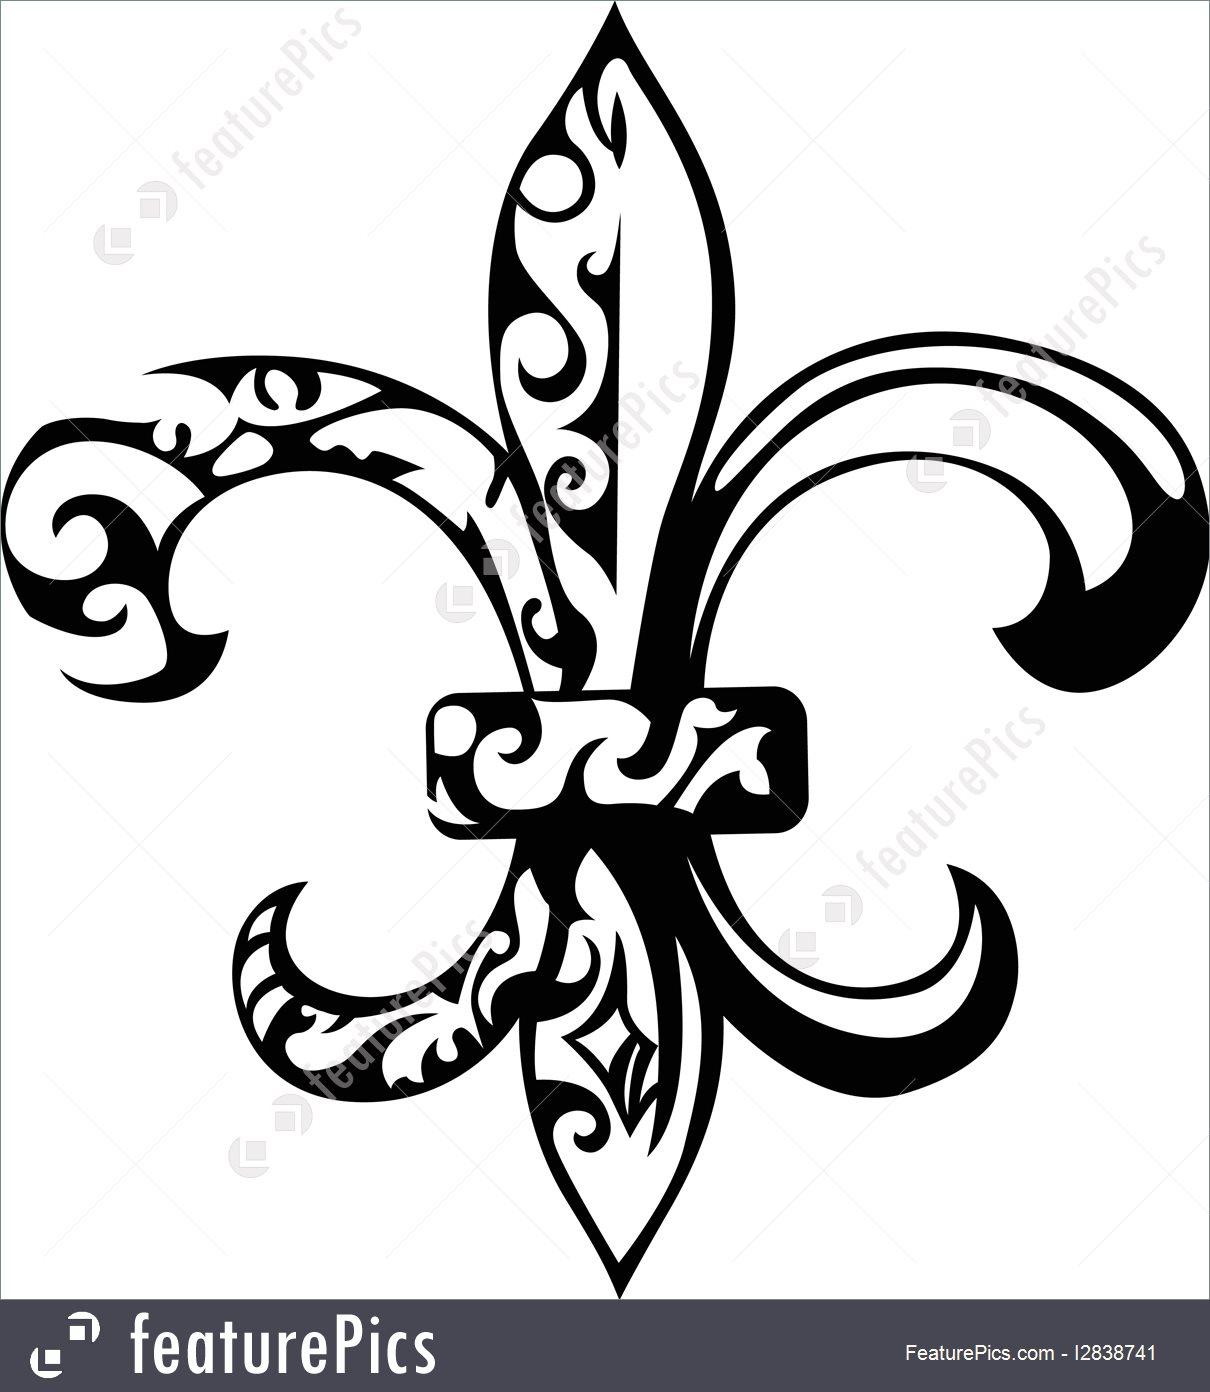 1210x1392 Illustration Of Fleur De Lis Design